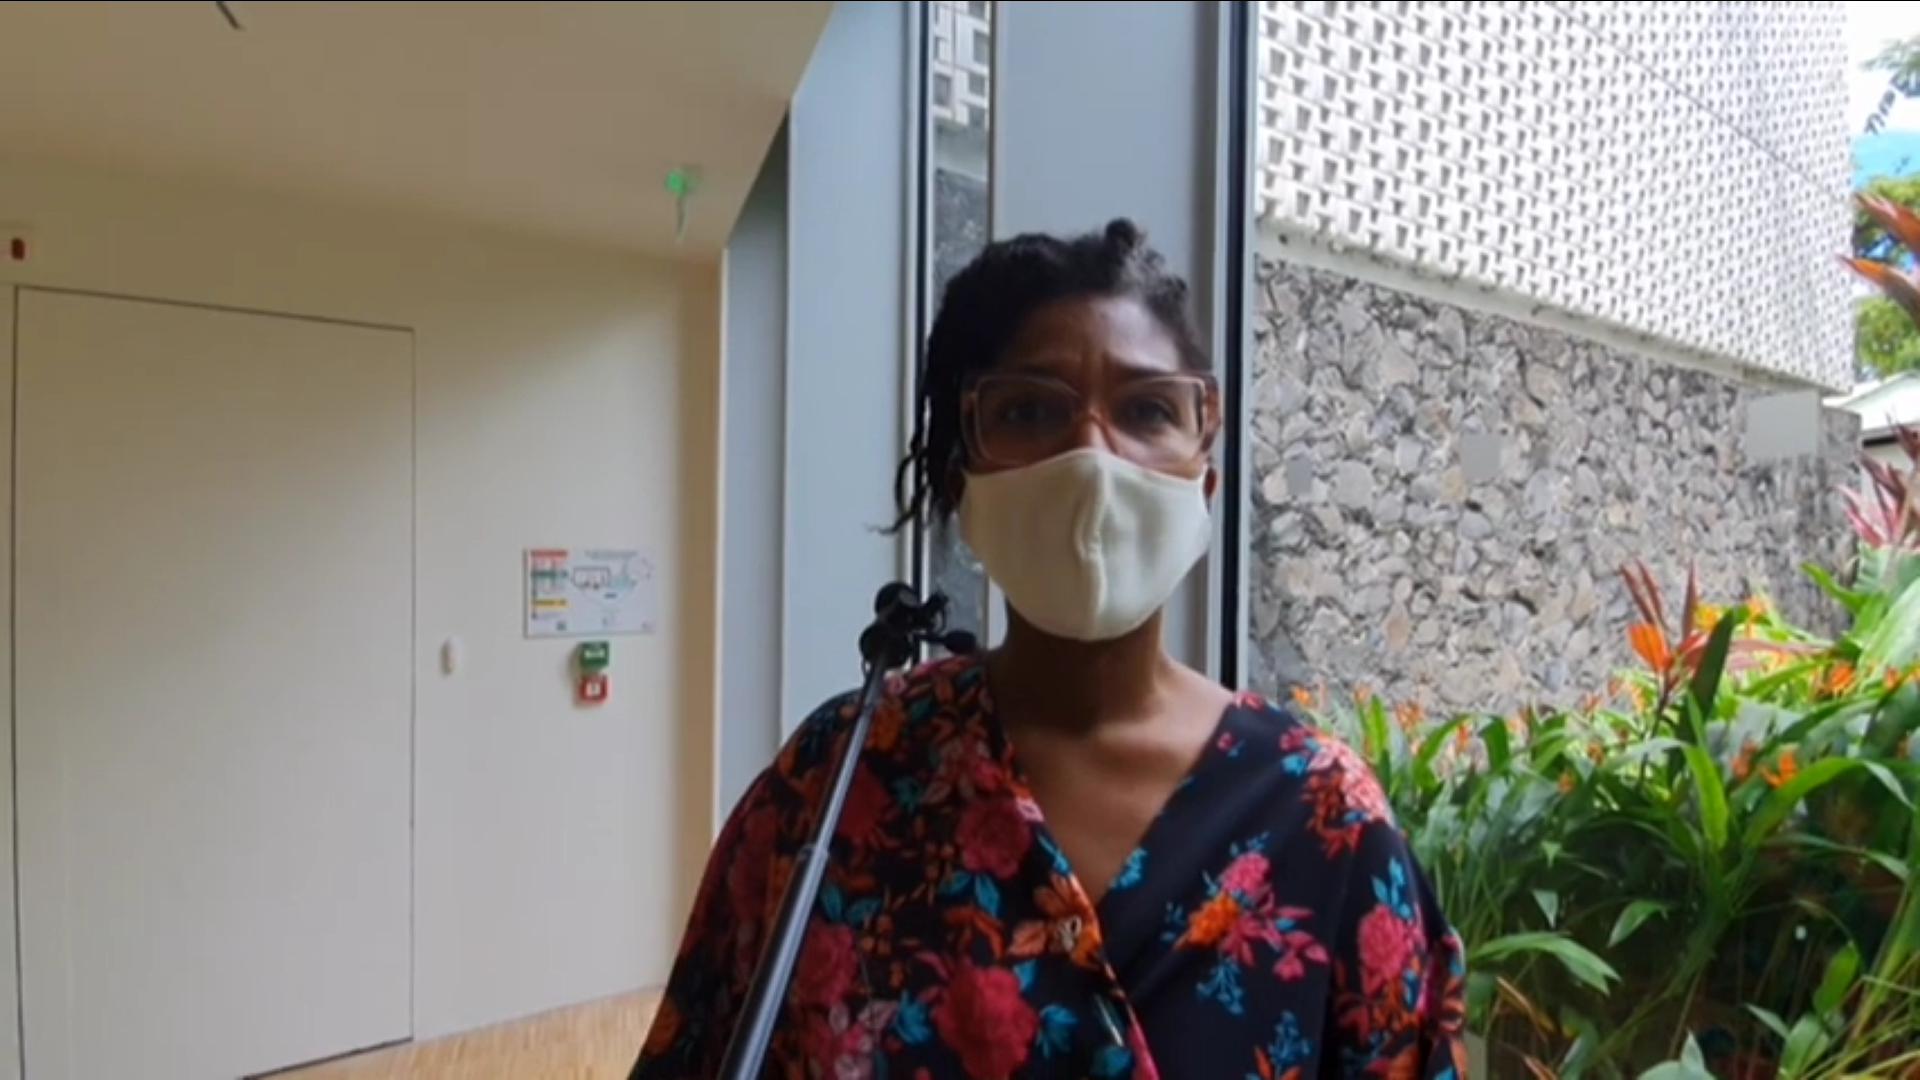 [Vidéo] Onews Martinique. Les martniquais sont ils prêts à partager un jardin avec une autre personne ?  (Micro Trottoir Kmt)